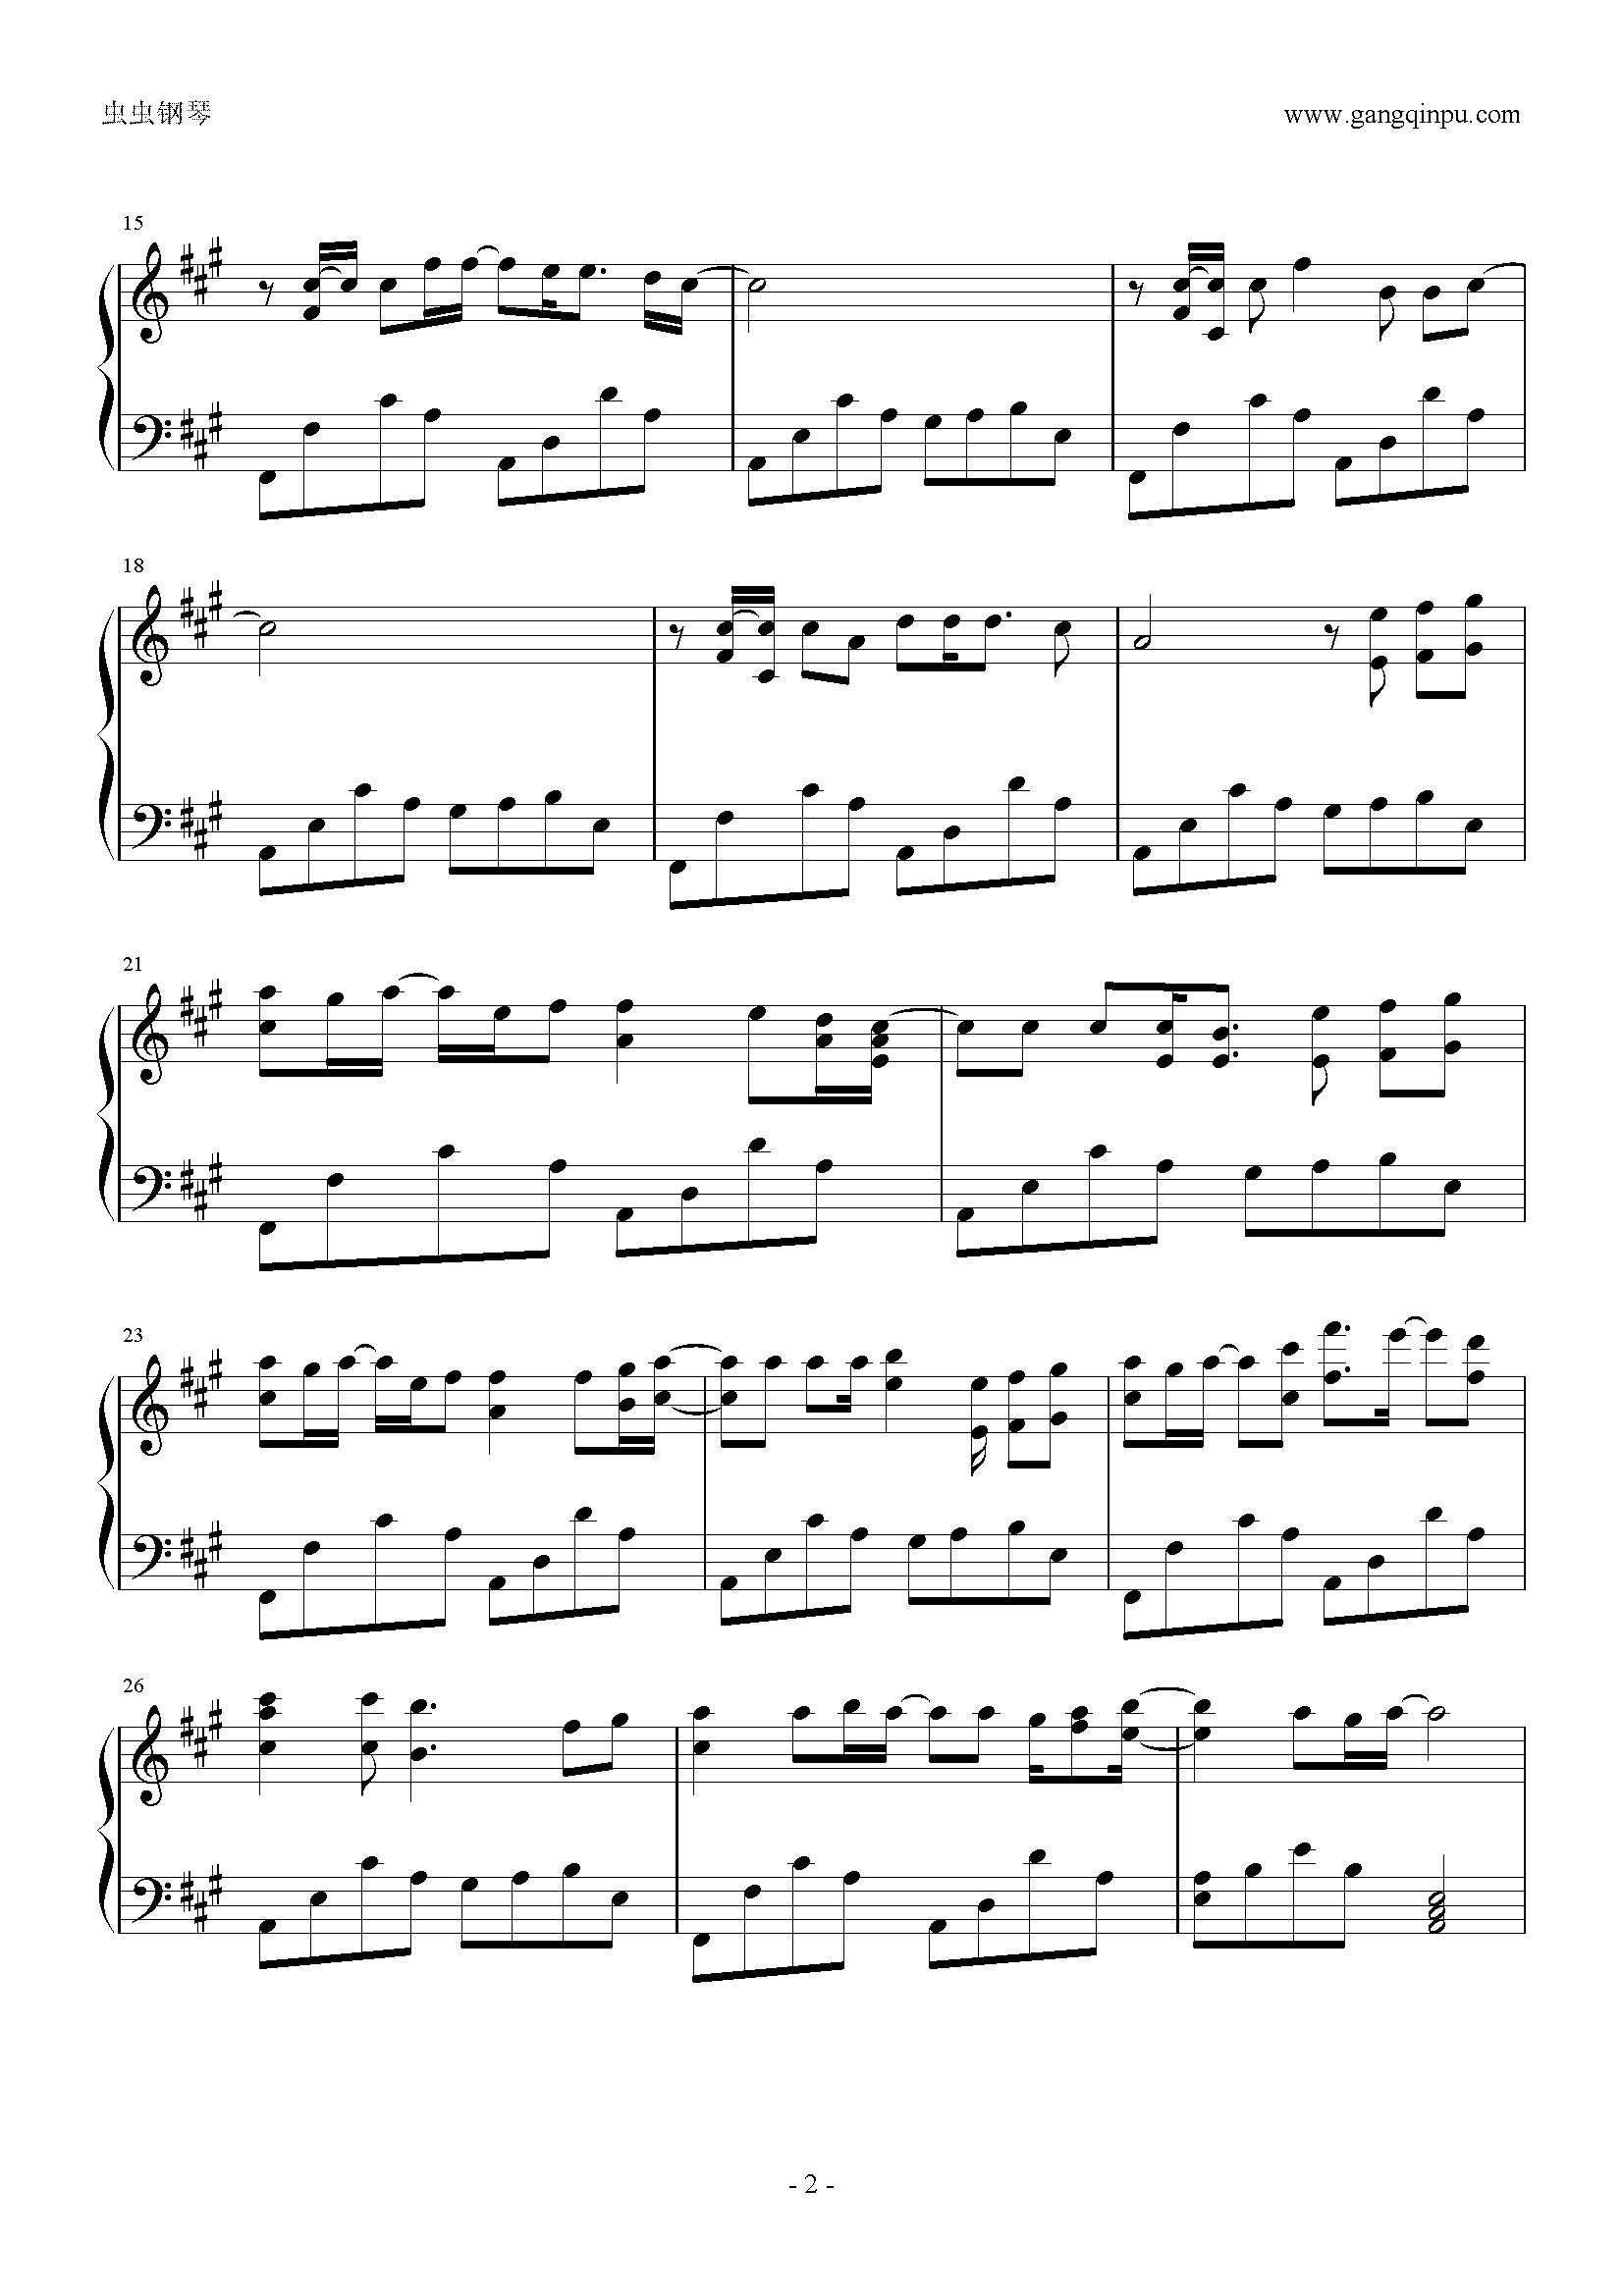 平凡之路钢琴谱 第2页图片